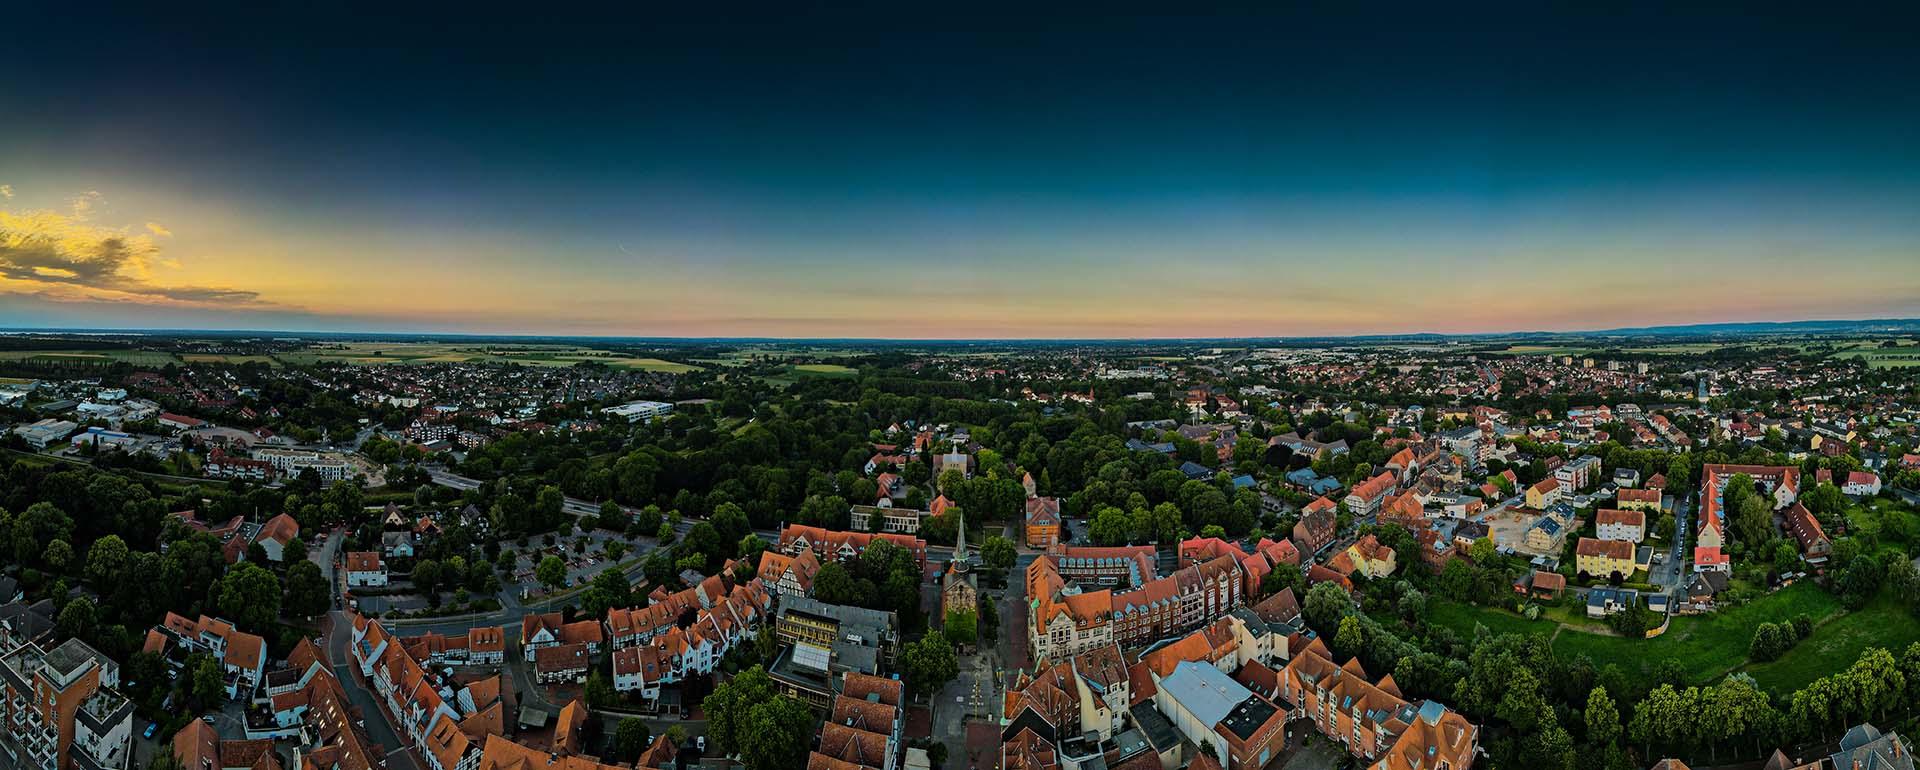 Wunstorfer Innenstadt von oben | Foto: fabi